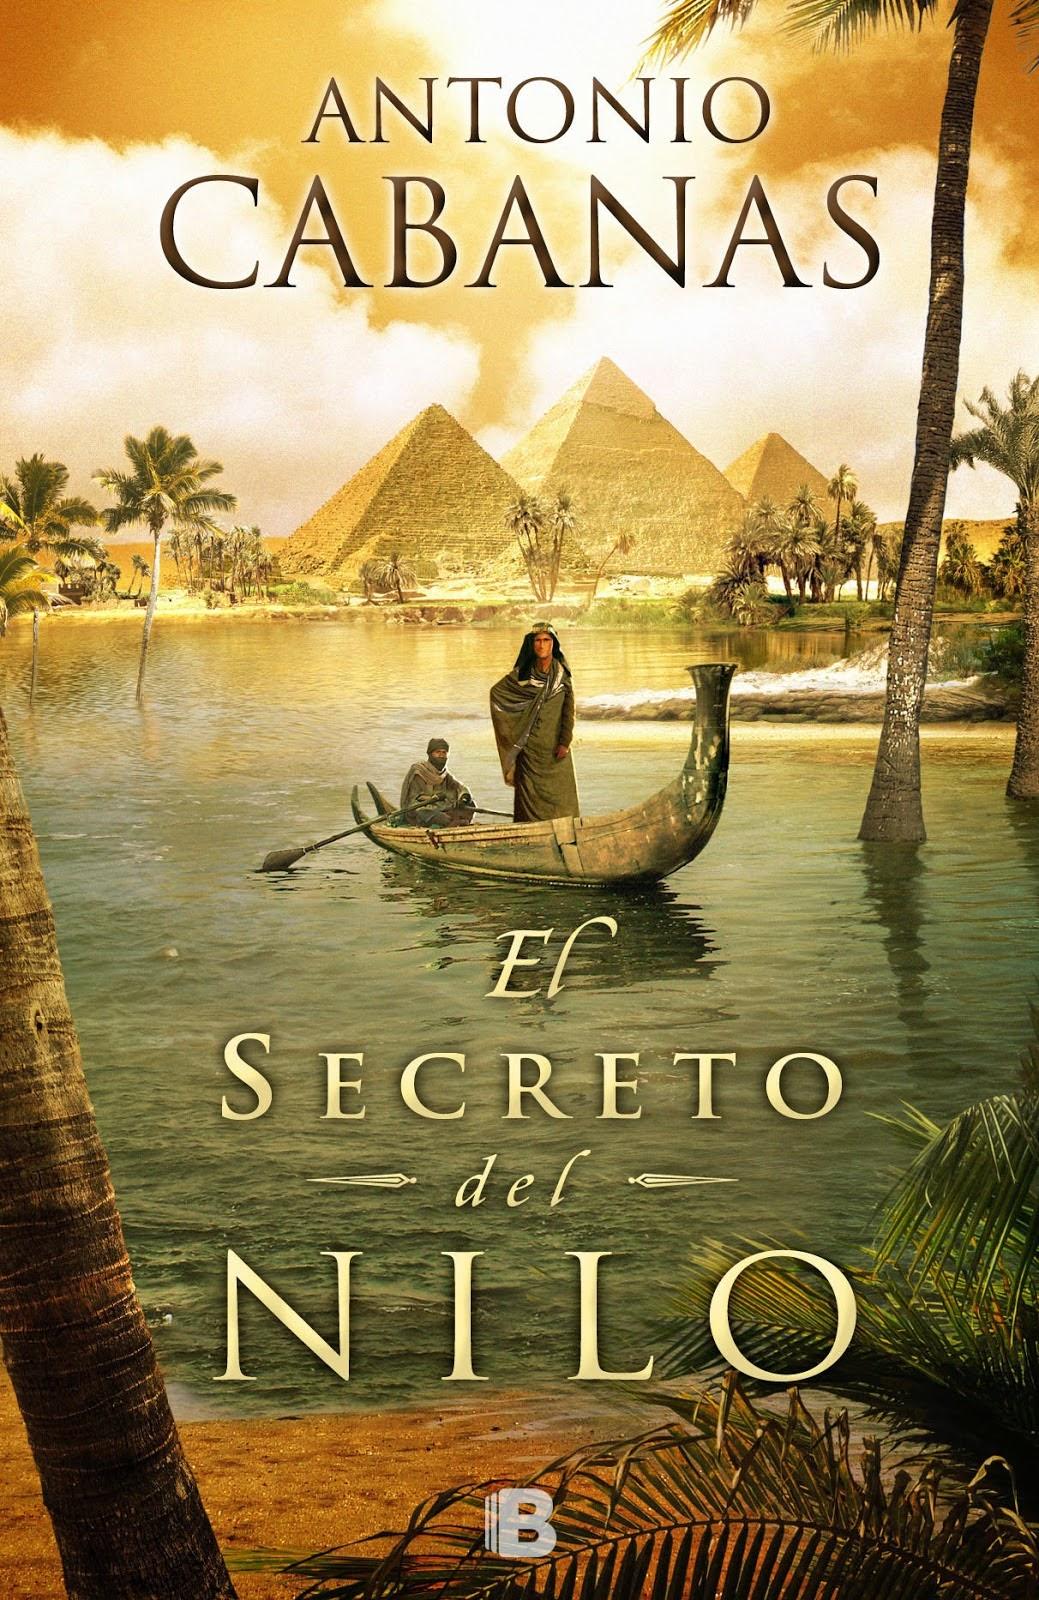 El Secreto del Nilo Antonio Cabanas